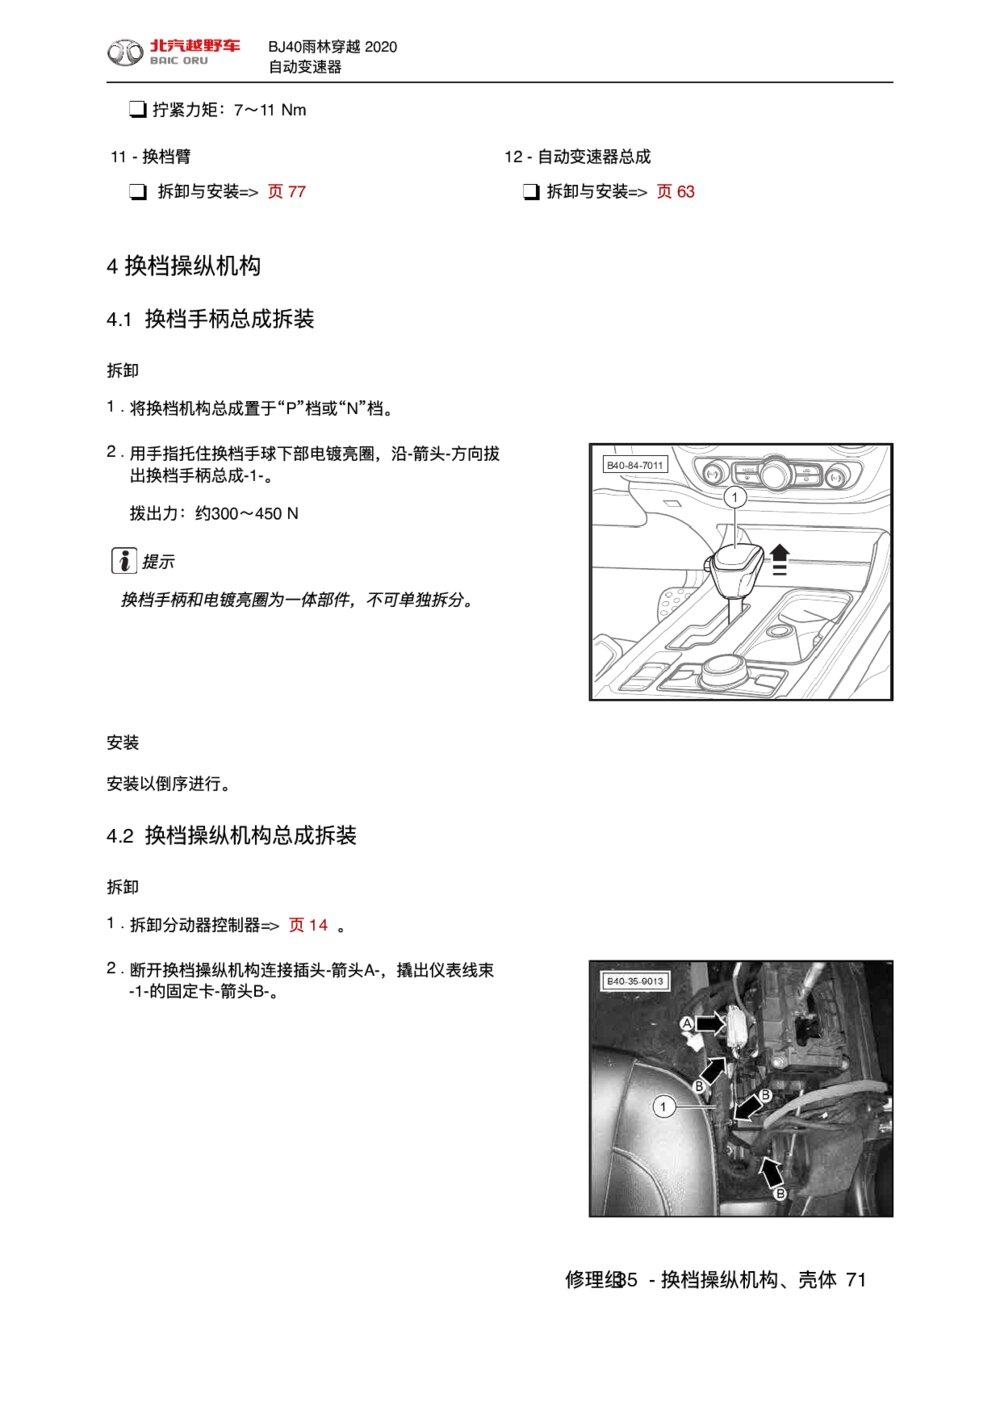 2020款北京BJ40雨林穿越版换档操纵机构